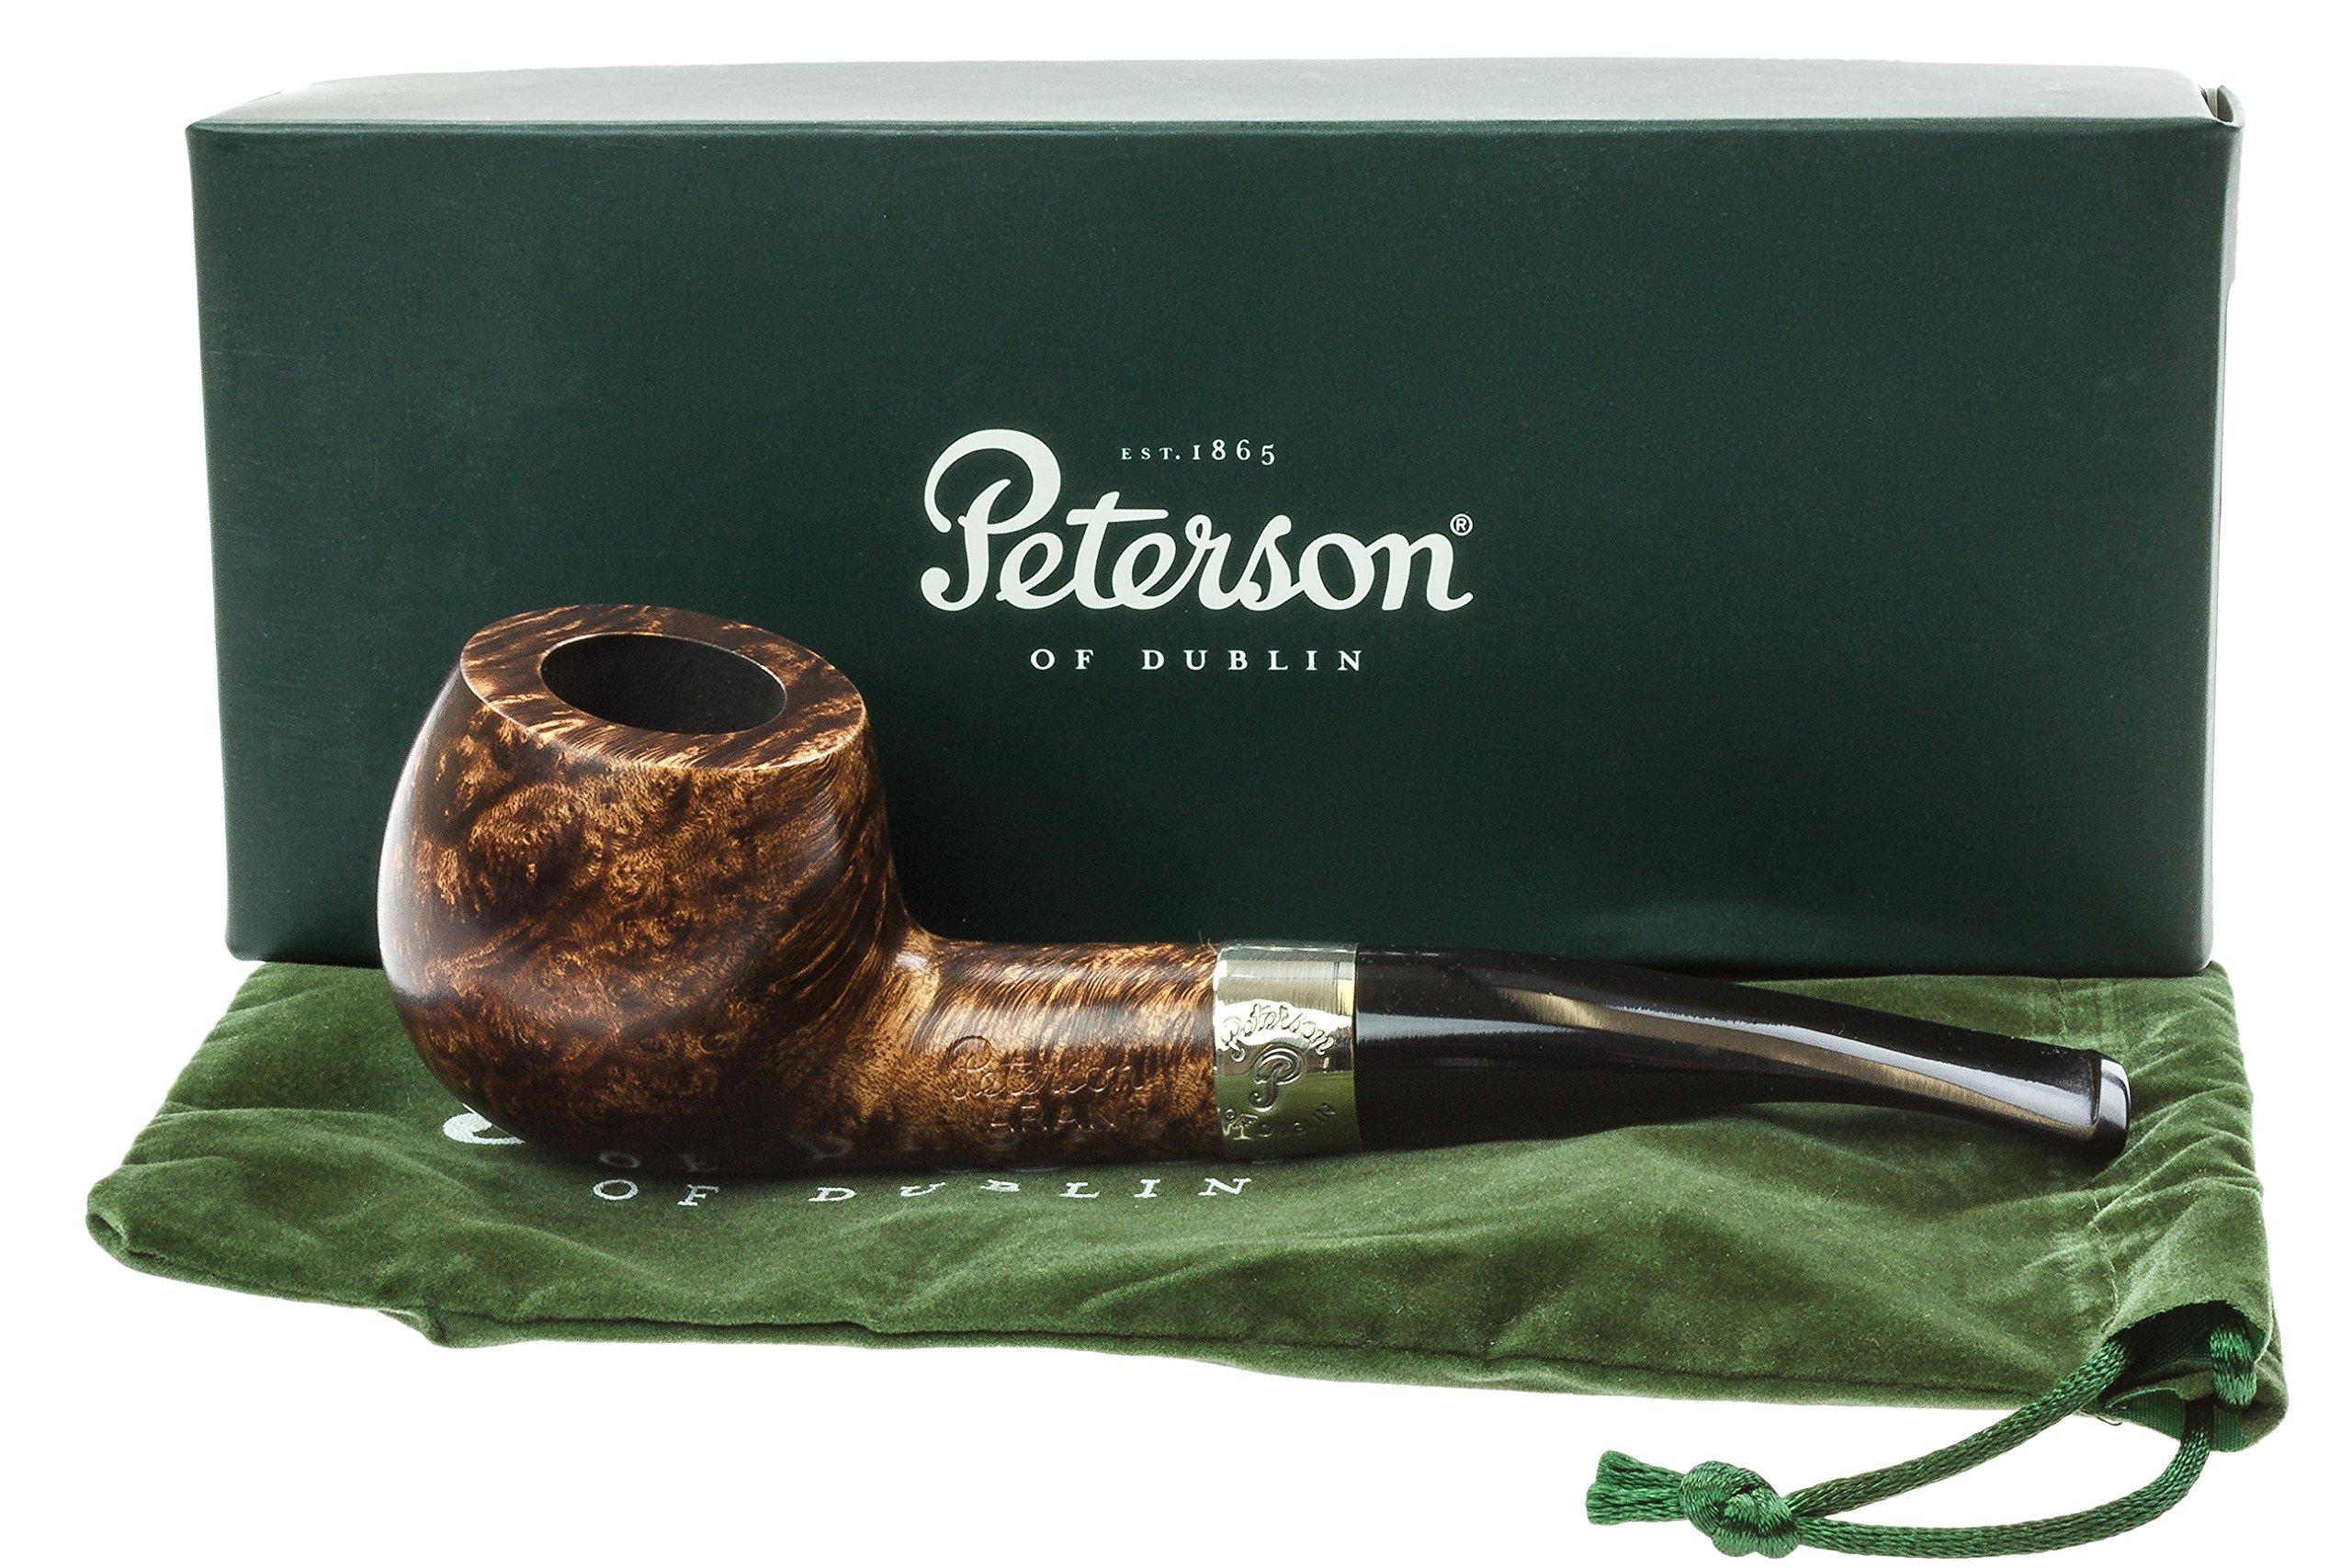 Peterson Aran 408 Tobacco Pipe Fishtail